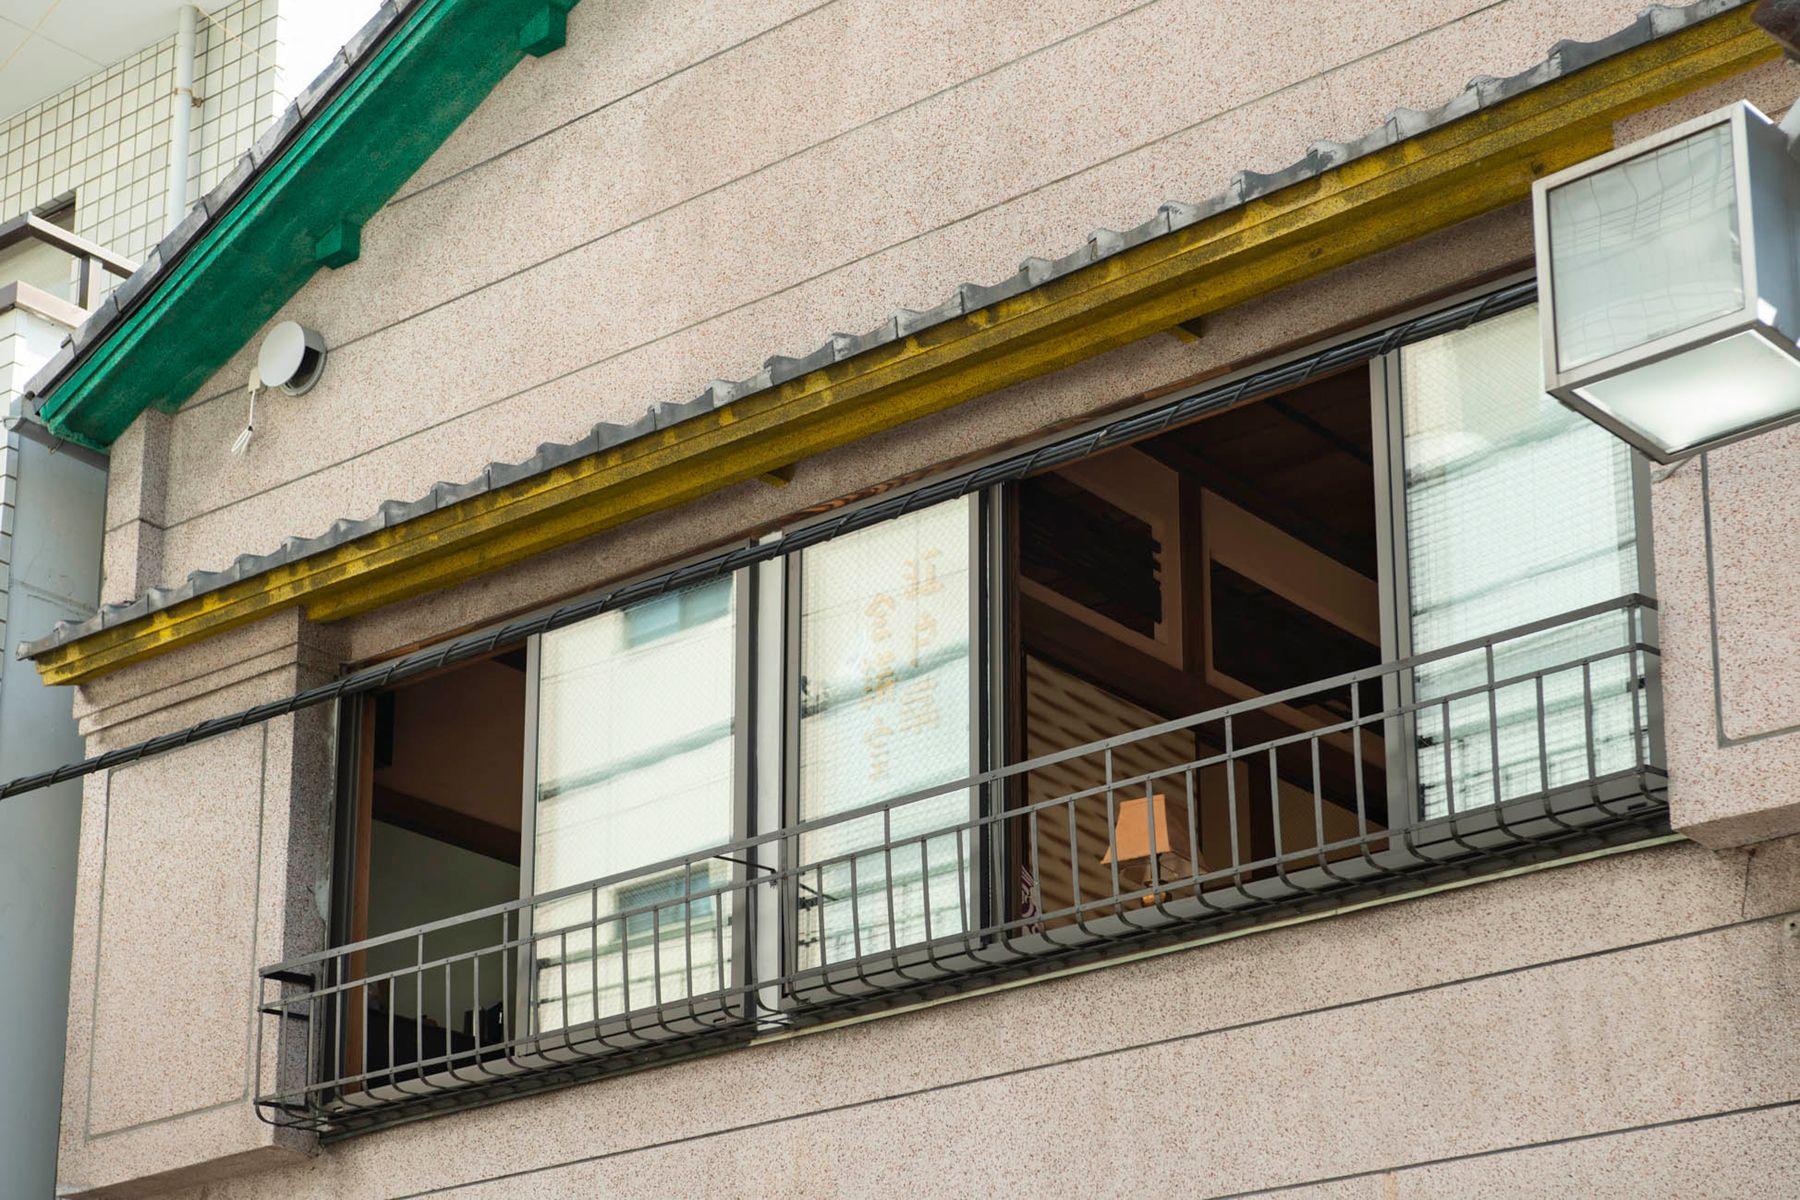 江戸端会議室 (エドバタカイギシツ)外観 レトロな2Fの窓